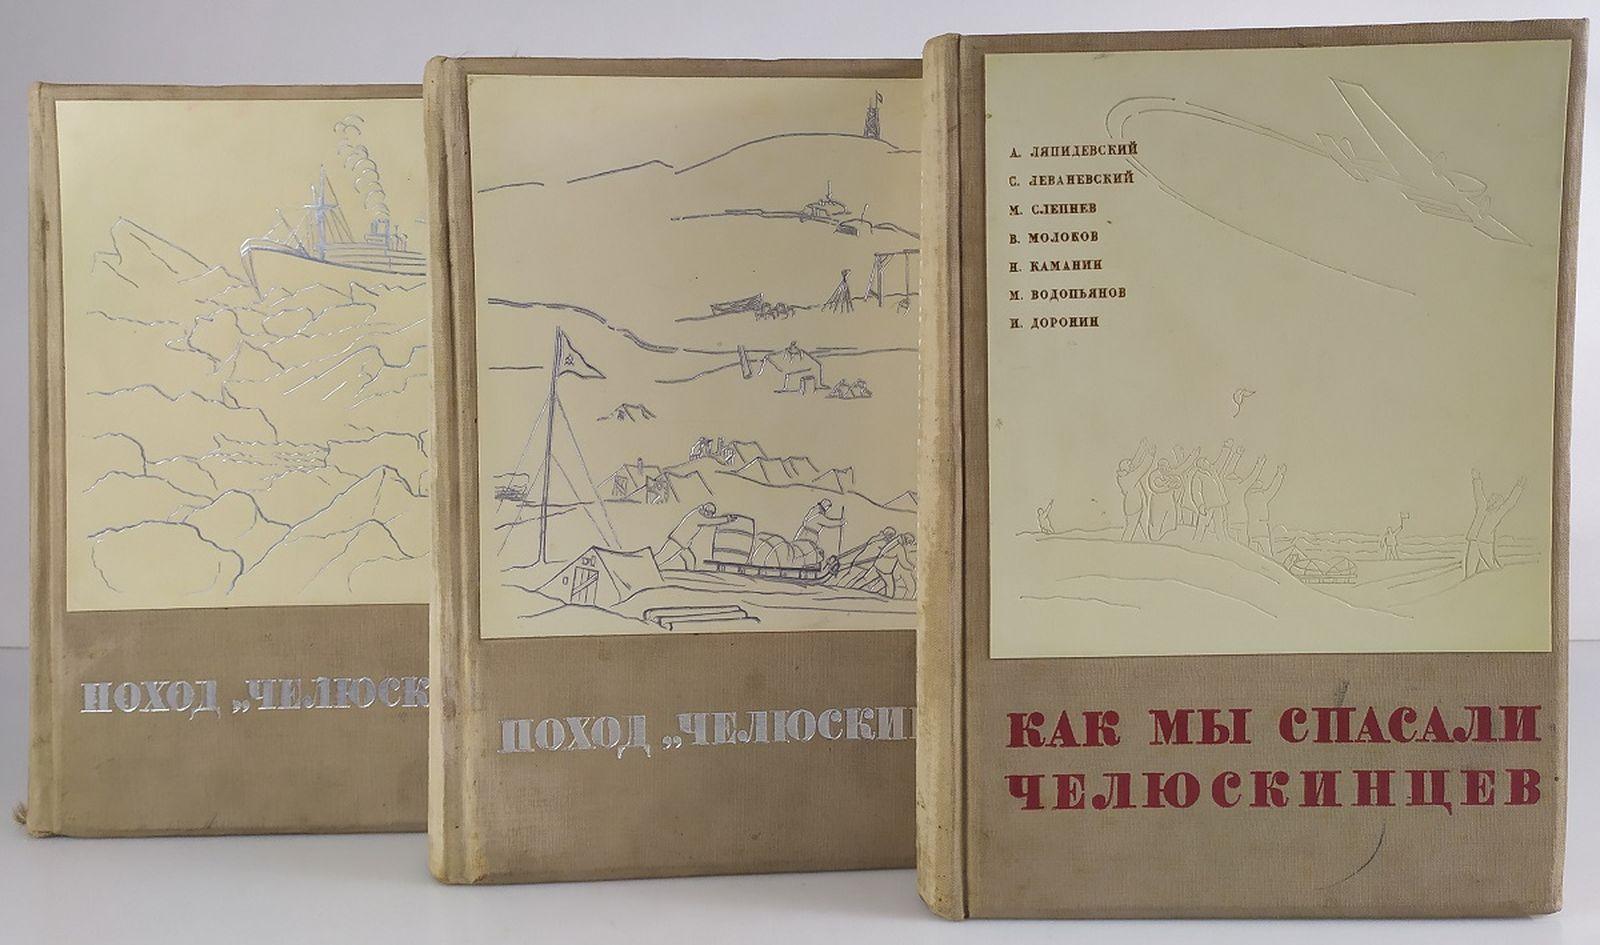 Героическая эпопея. В 3-х томах. Поход Челюскина в 2-х томах + Как мы спасали челюскинцев (комплект из 3 книг)